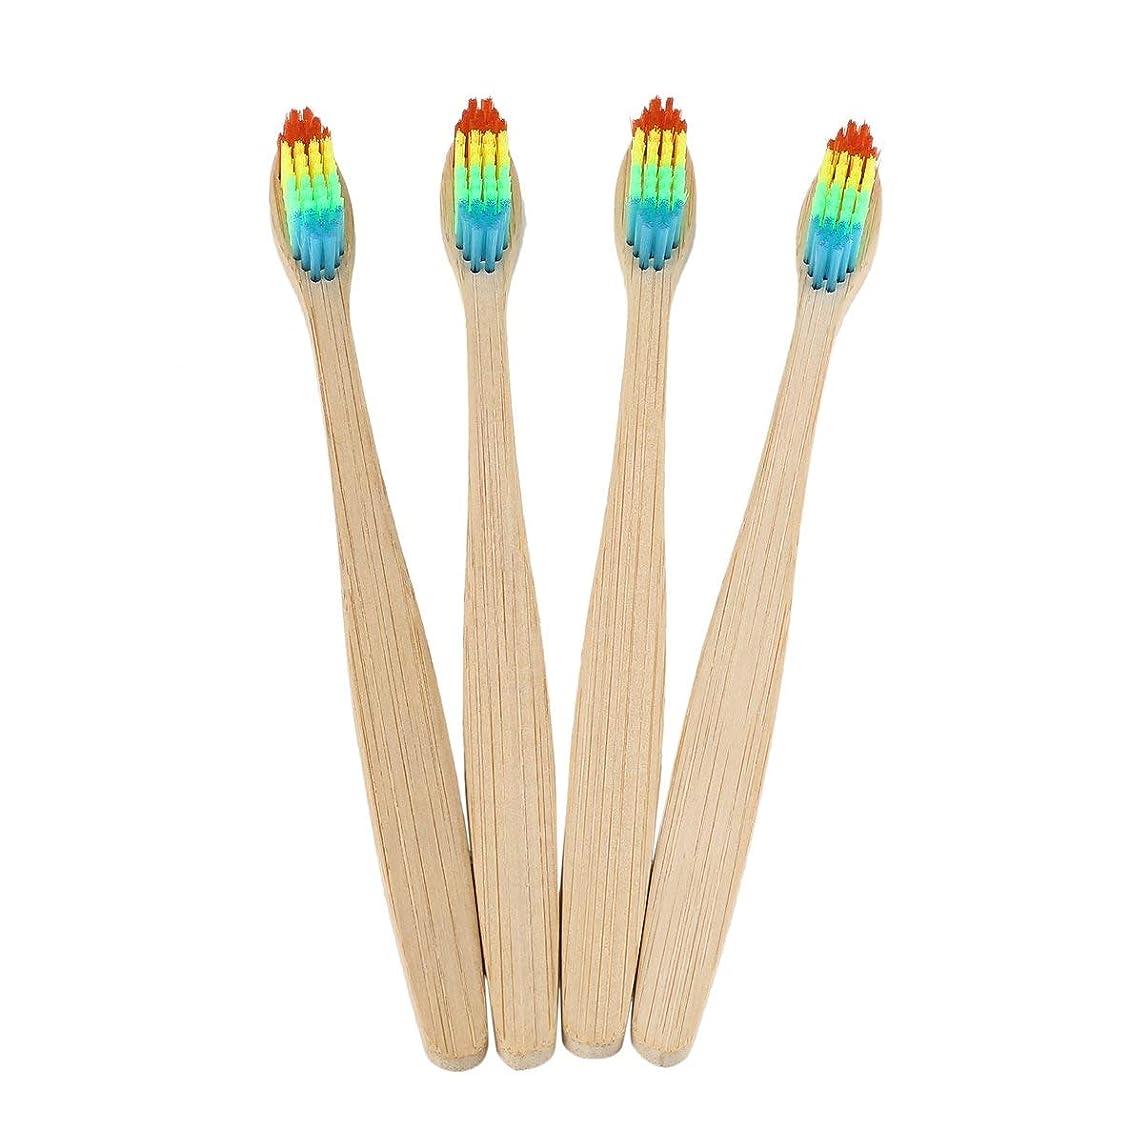 縁モード無視カラフルな髪+竹のハンドル歯ブラシ環境木製の虹竹の歯ブラシオーラルケアソフト剛毛ユニセックス - ウッドカラー+カラフル